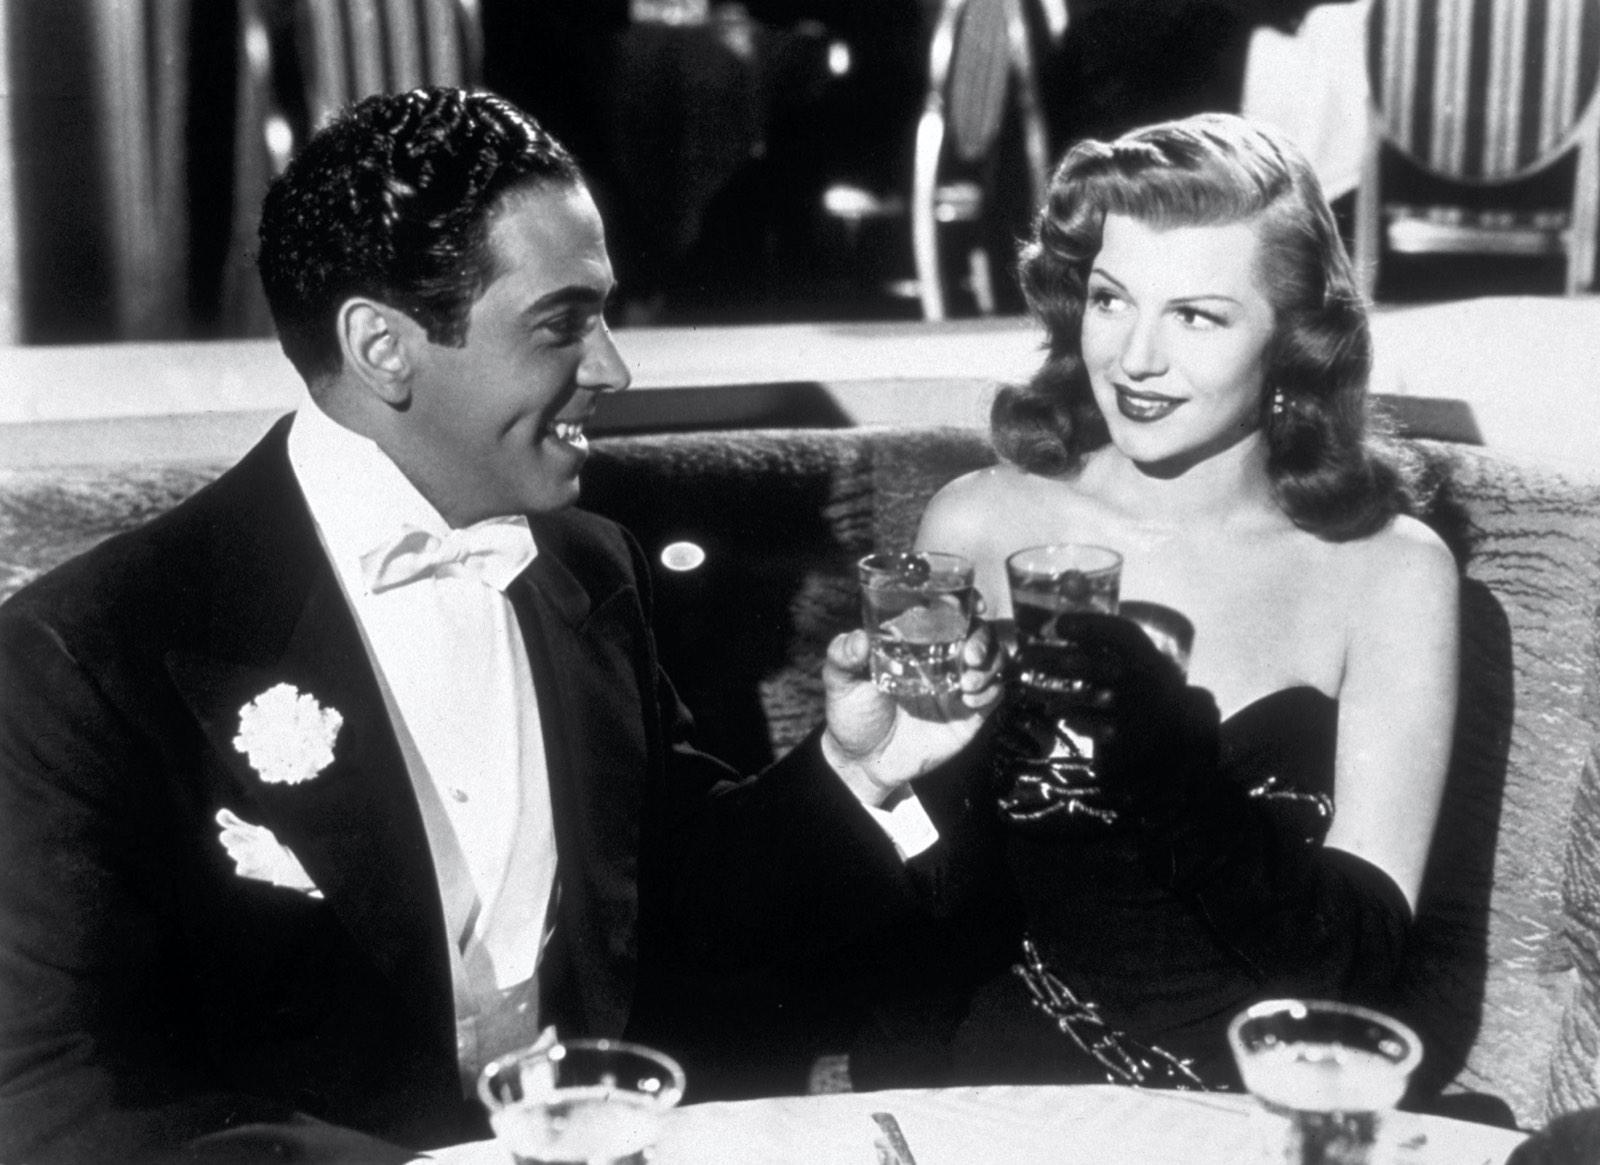 Glenn Ford and Rita Hayworth in Gilda